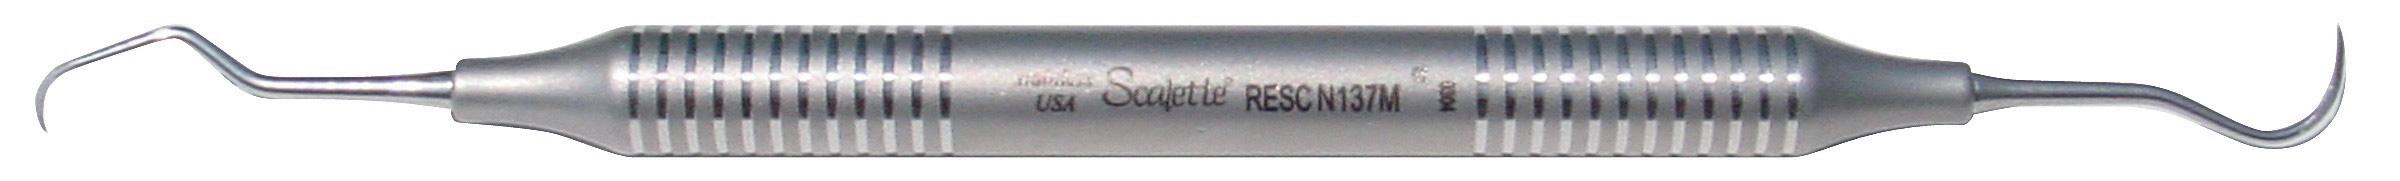 Anterior Scalette N137M